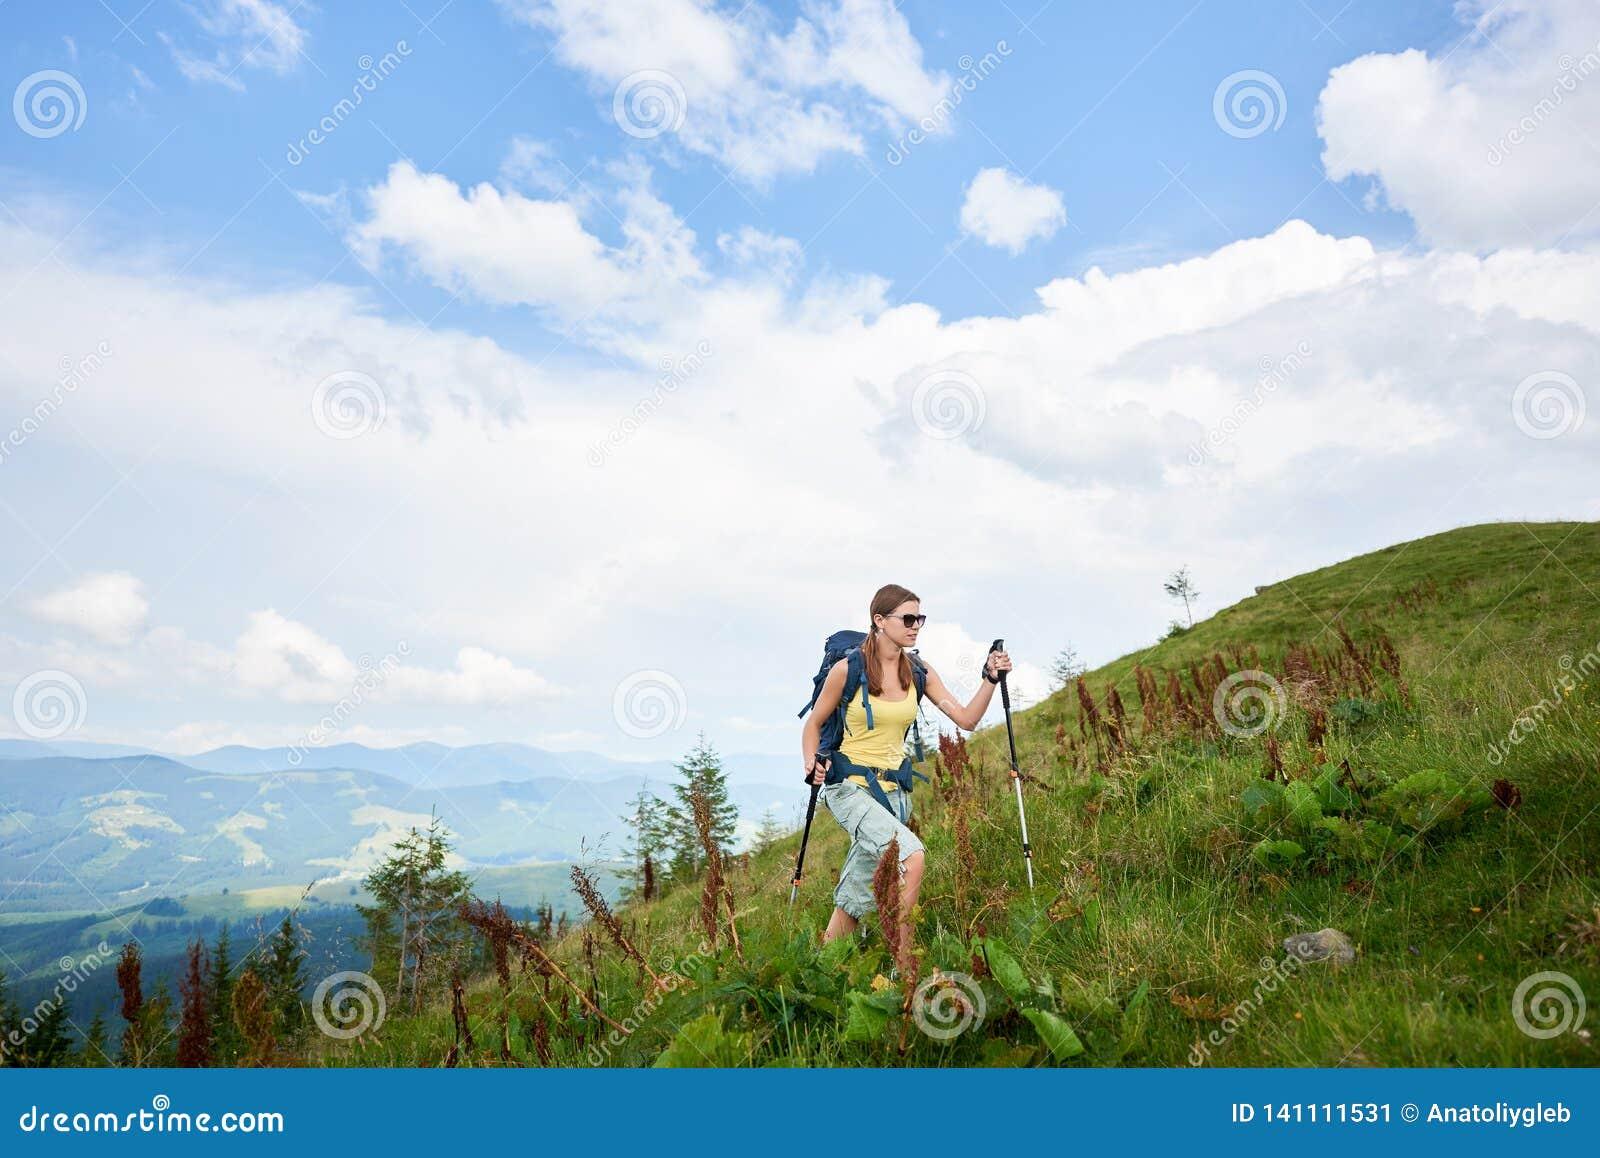 Kobieta wycieczkowicz wycieczkuje na trawiastym wzgórzu, będący ubranym plecaka, używa trekking wtyka w górach